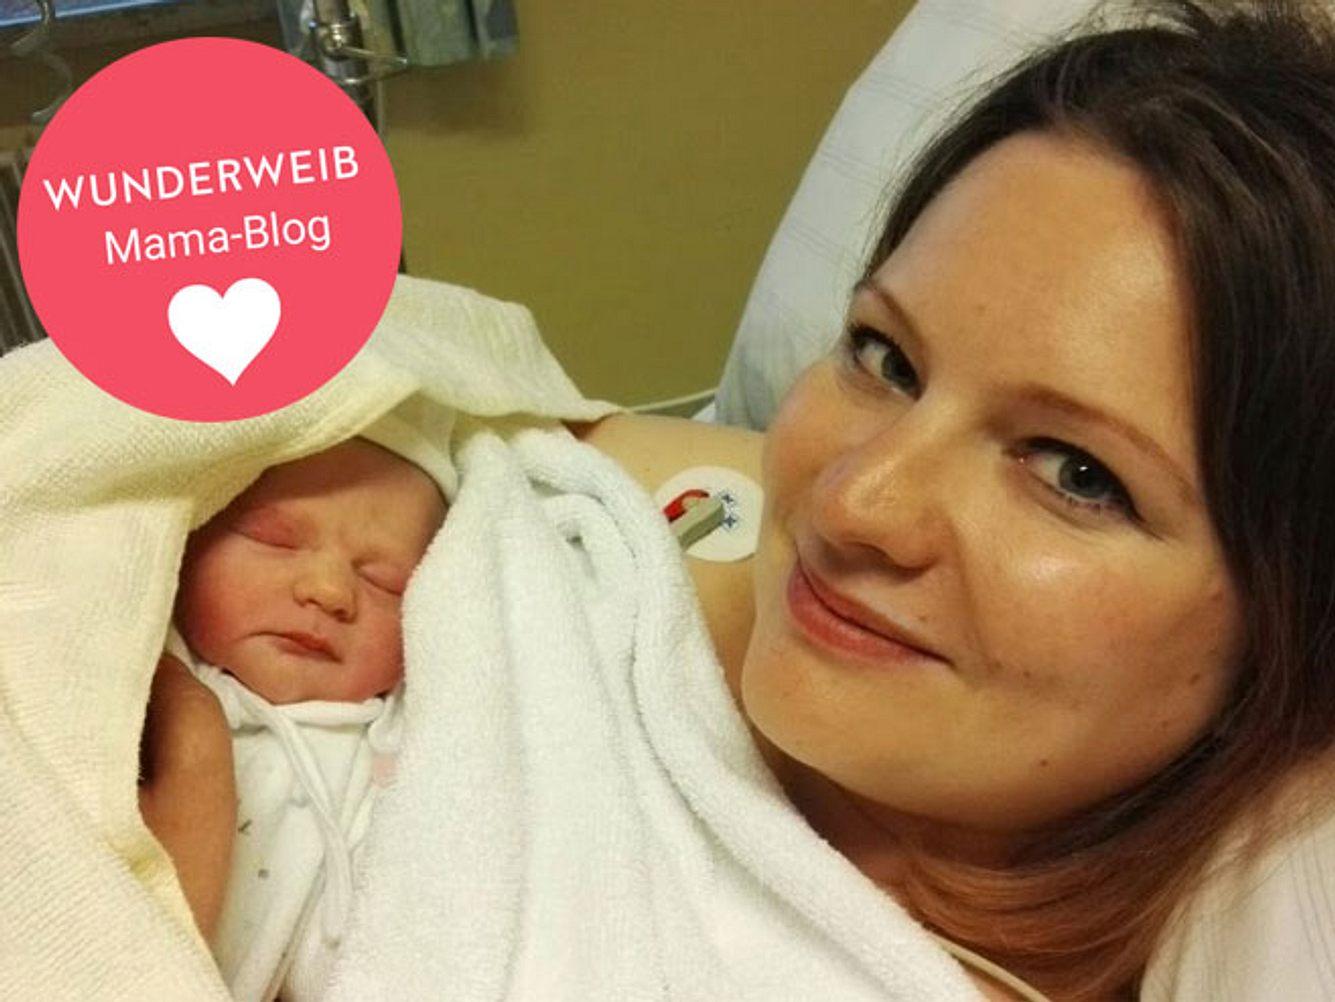 Für die Geburt ihrer Tochter entschied sich Timea für einen Wunschkaiserschnitt. Eine Entscheidung, die sie nie bereut hat.